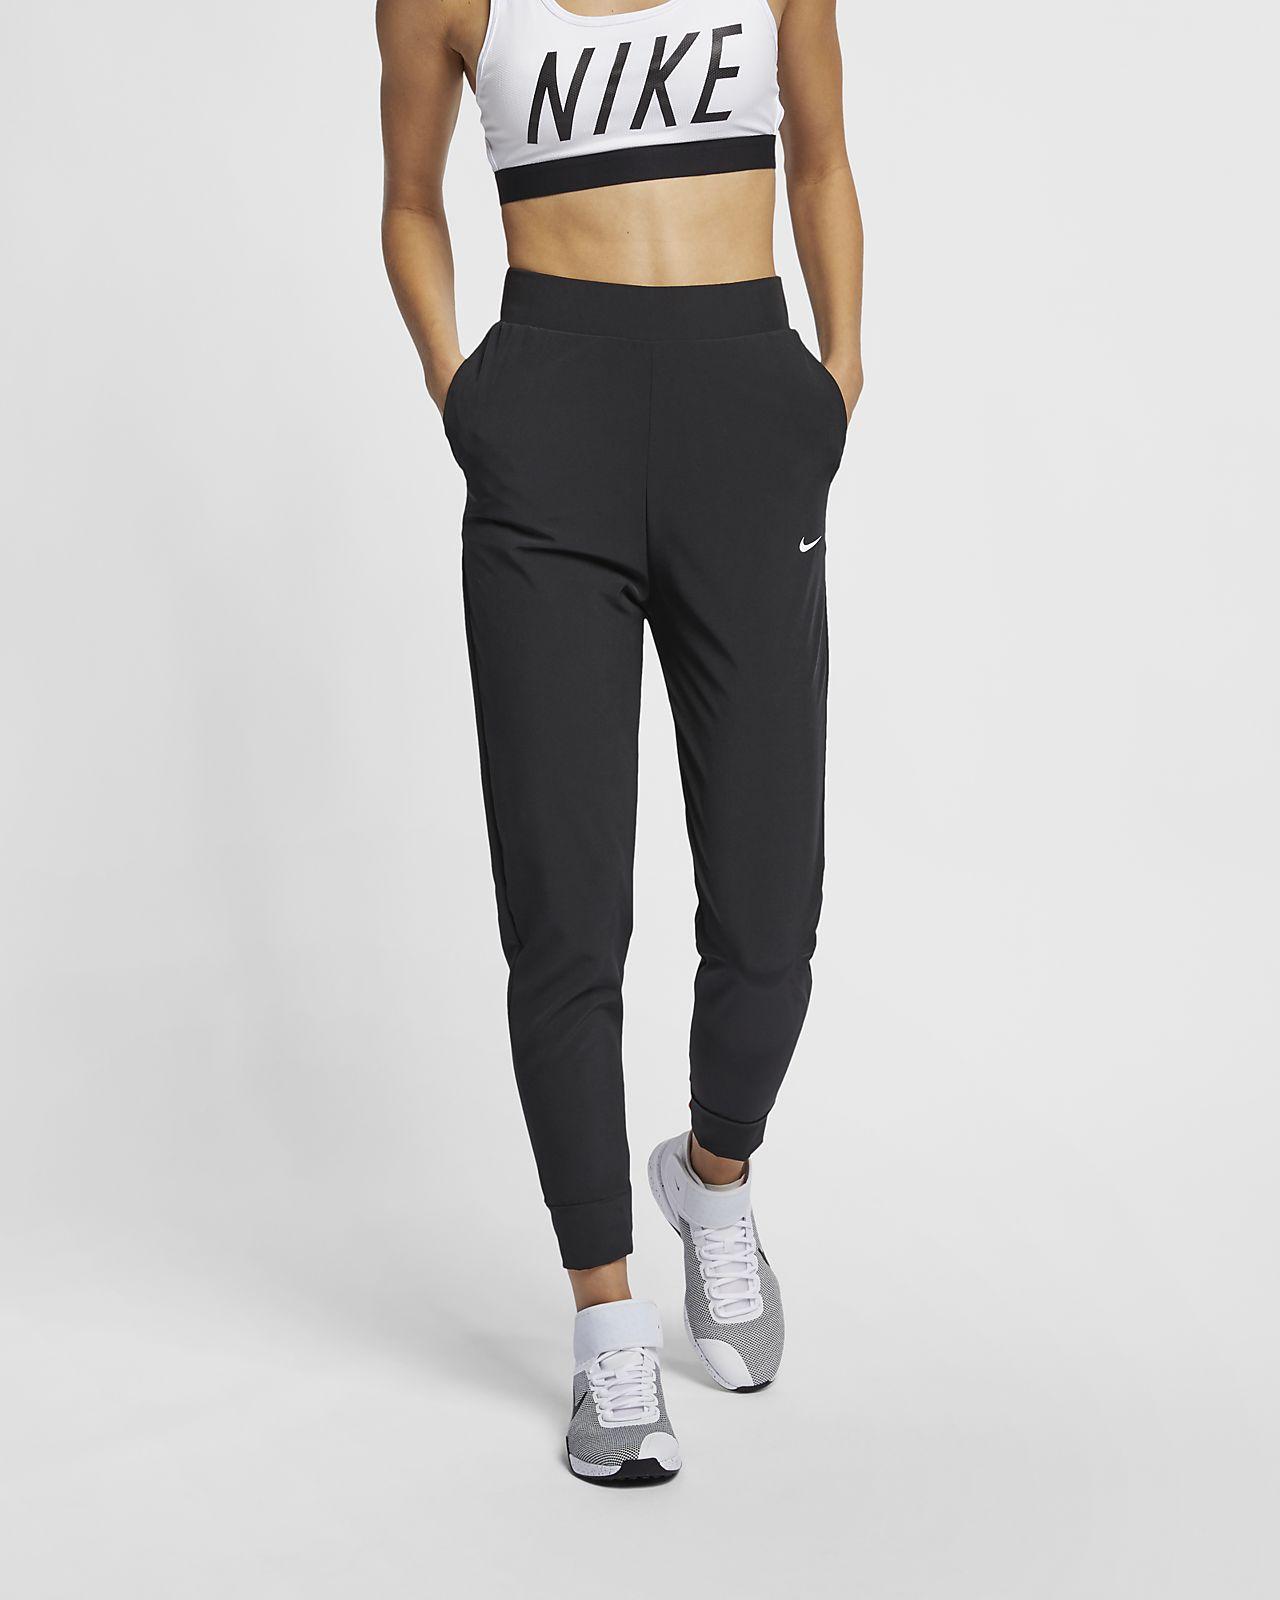 fa34ab55d69e Nike Bliss Women s Training Pants. Nike.com